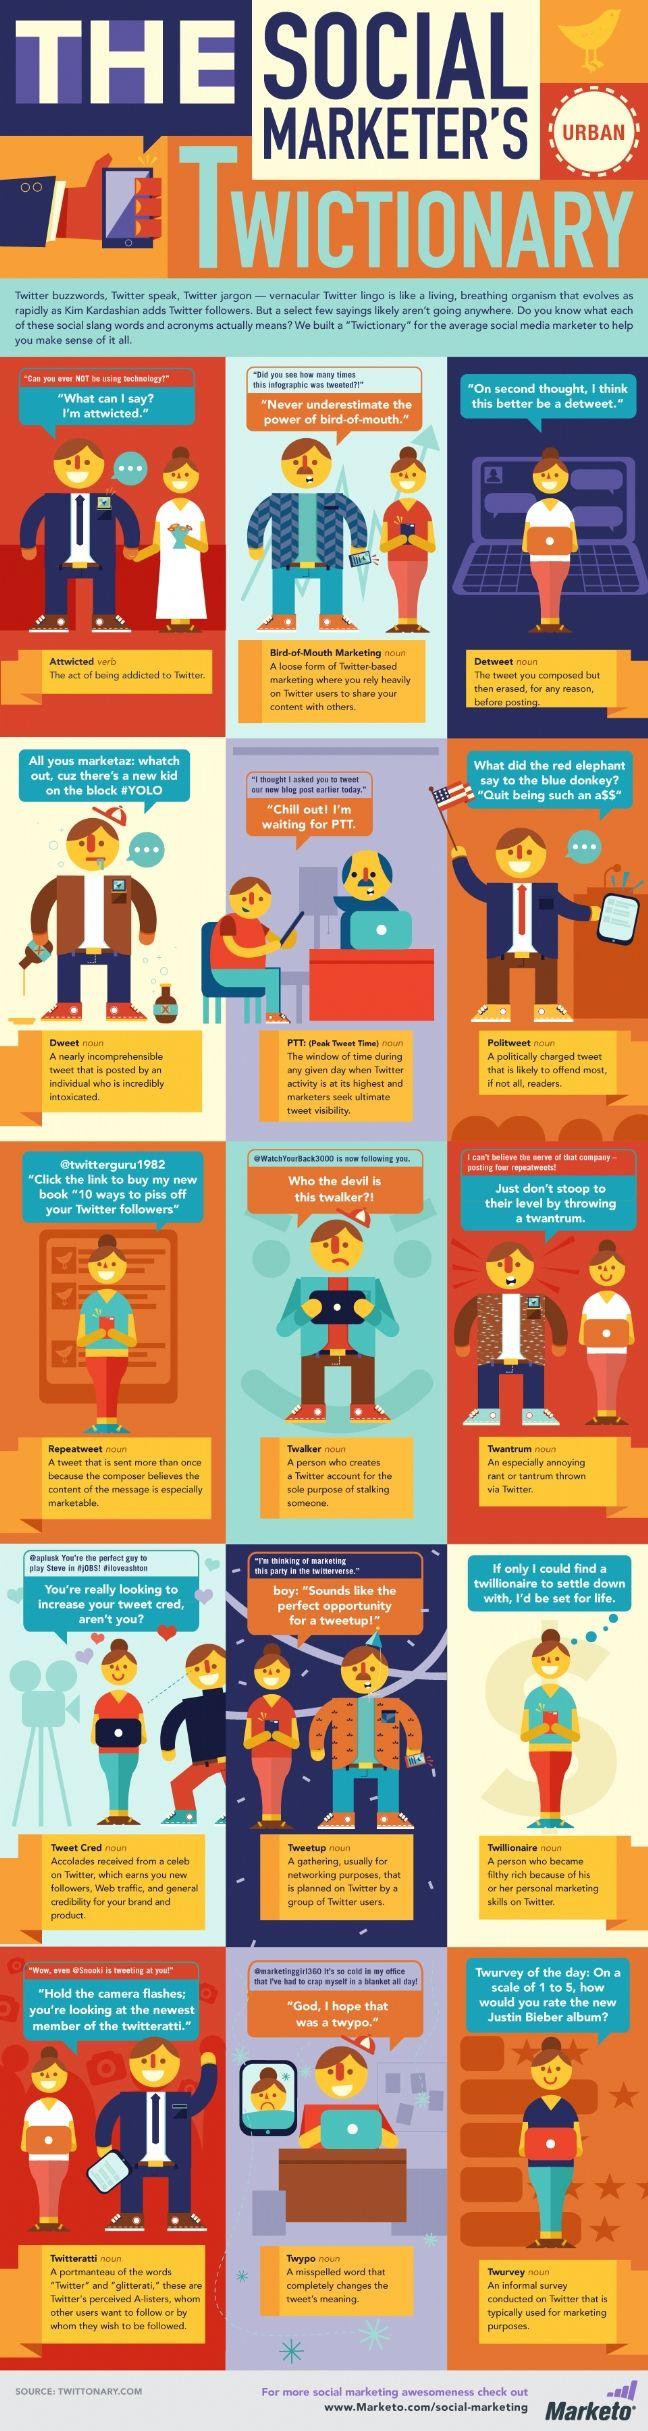 Le 'Twictionary' du social marketeur en une infographie